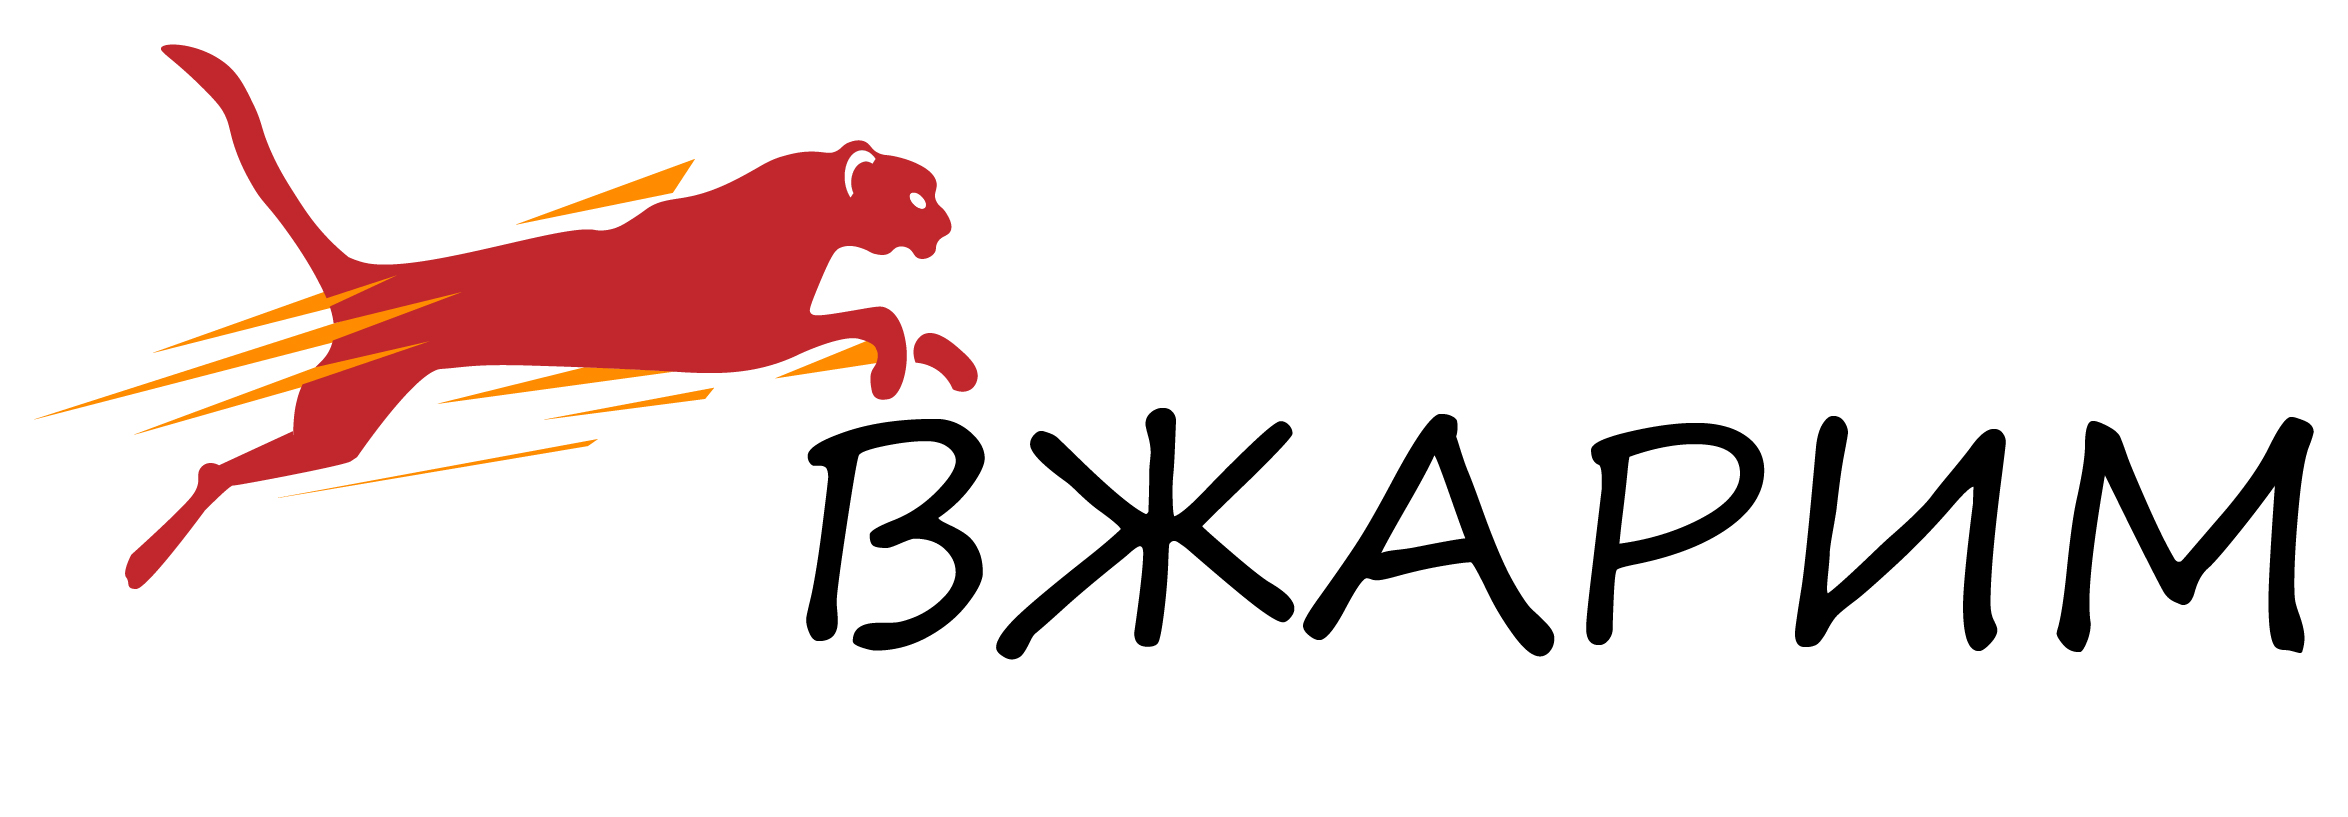 Требуется, разработка логотипа для крафт-кафе «ВЖАРИМ». фото f_4116011641879dd5.jpg